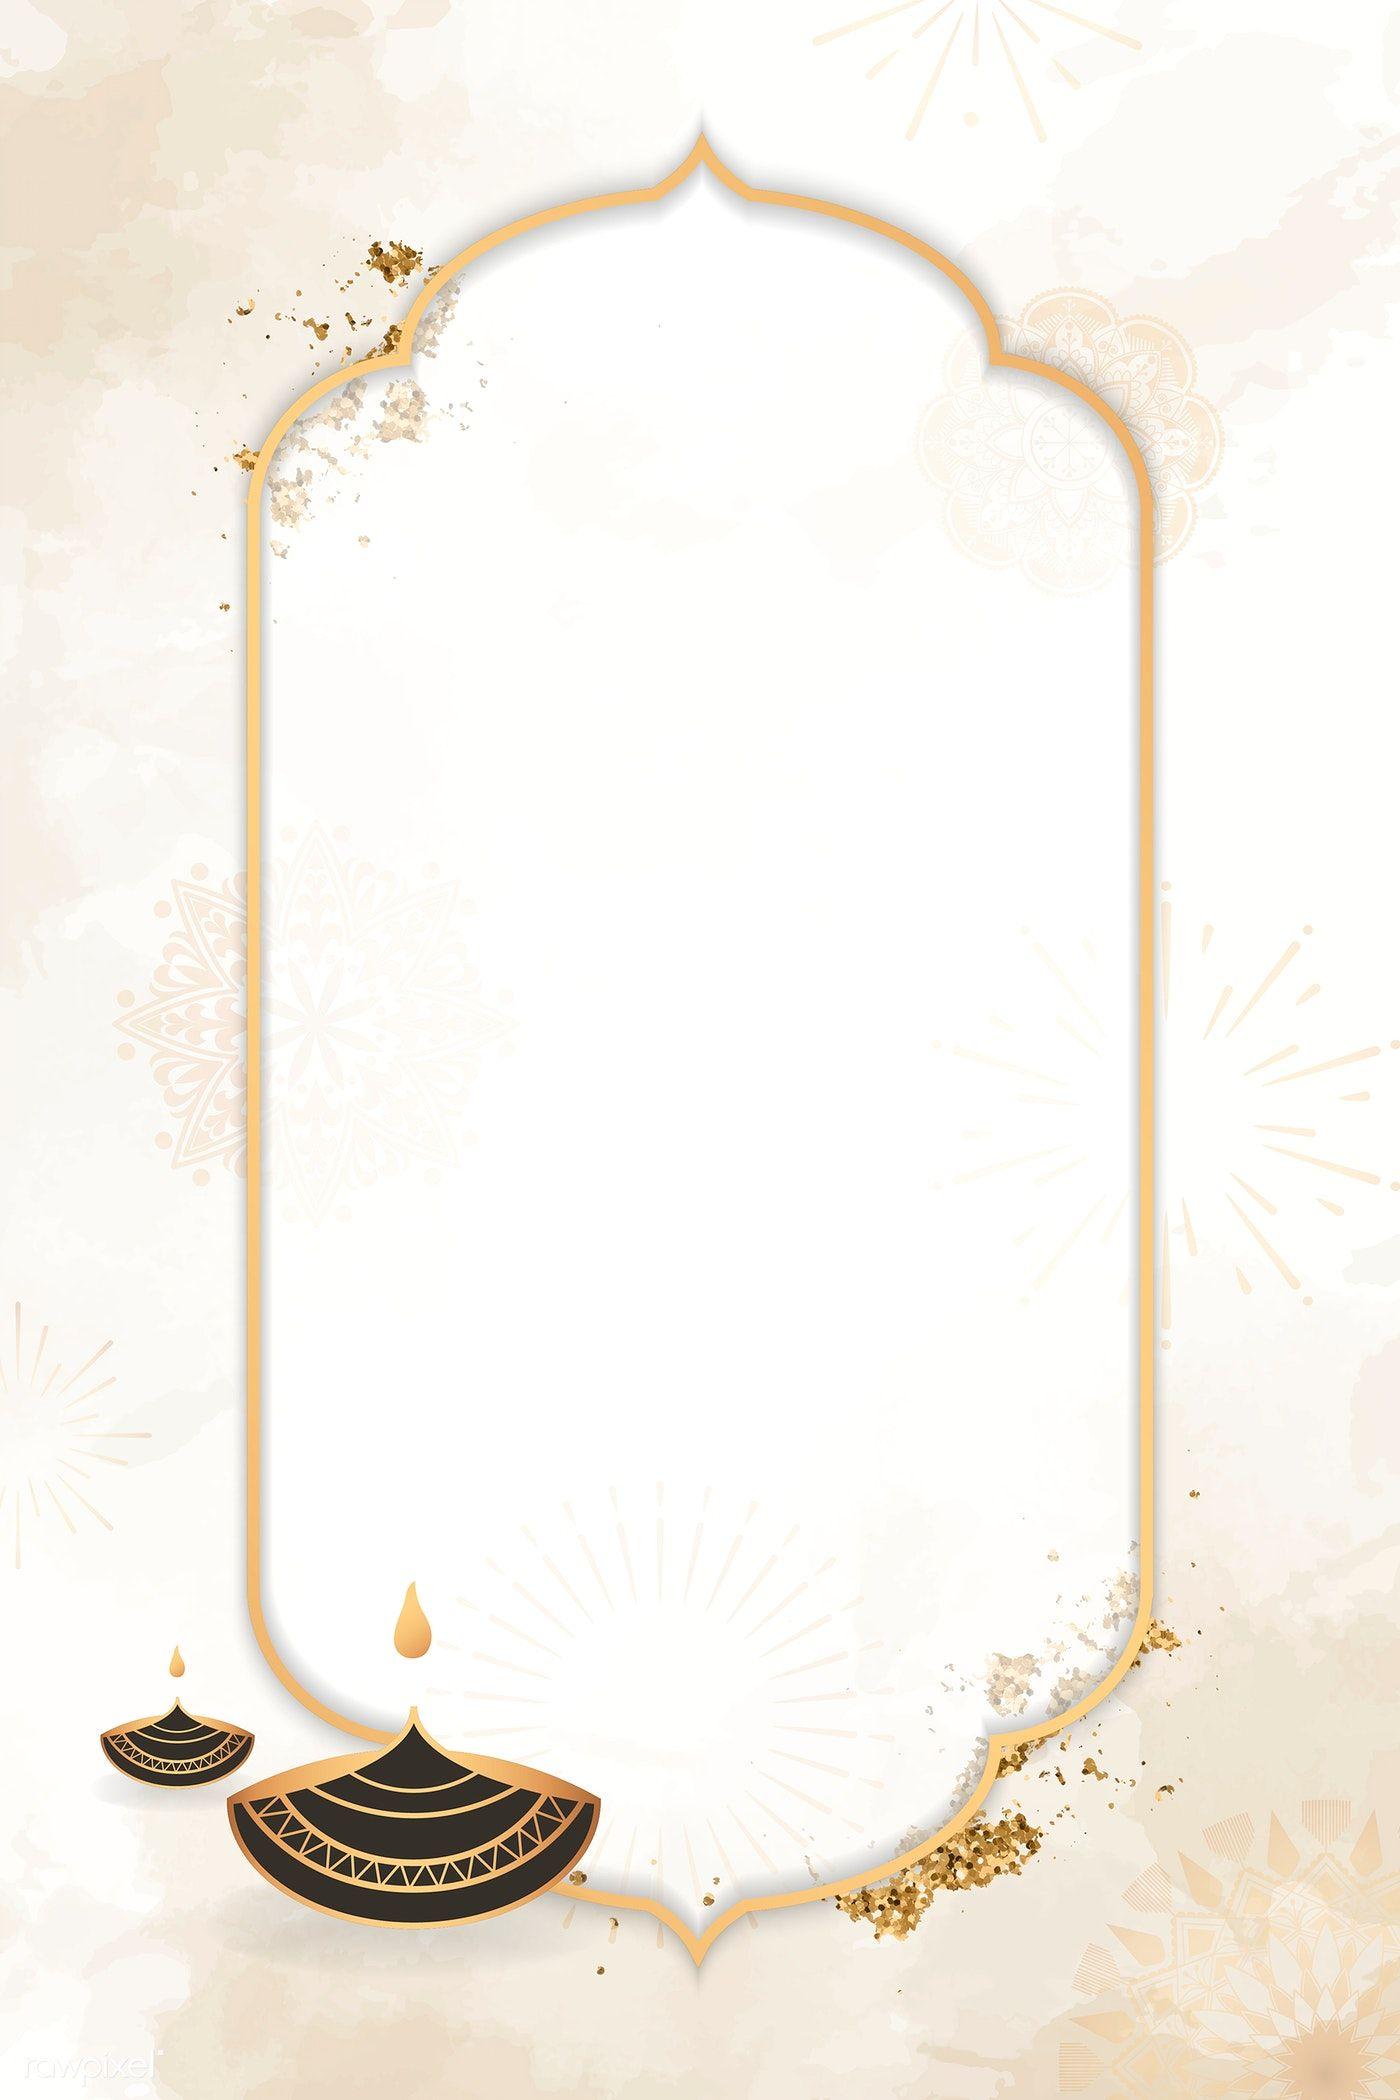 إطار لوحة كانفس خارجي باللون الفضي برواز براويز Floating Frame من باري غاليري براويز صور إطار فضي برواز فضي برواز للوحات الج Frame Canvas Decor